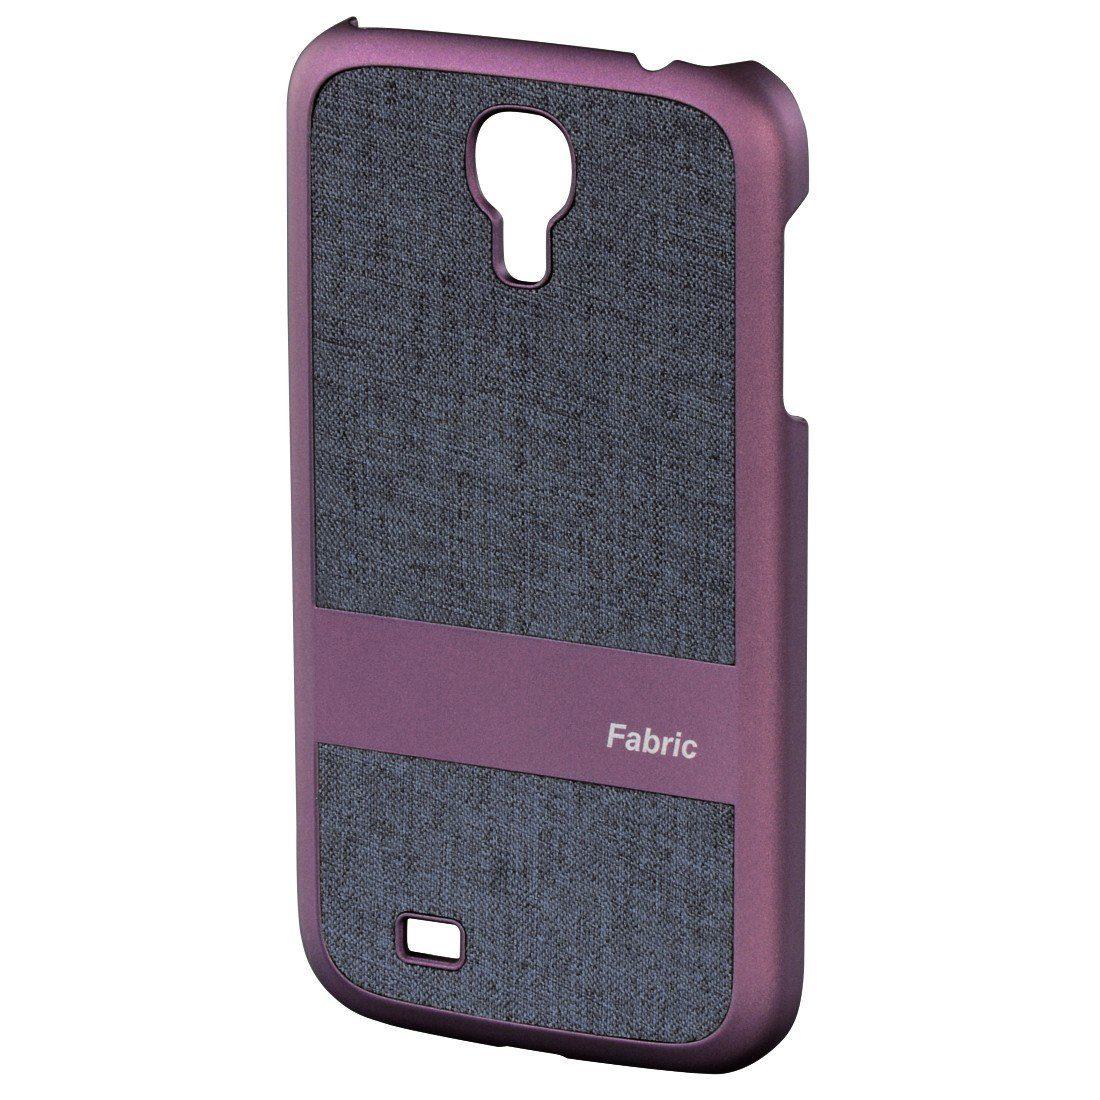 Hama Handy-Cover Fabric für Samsung Galaxy S 4, Blau/Flieder